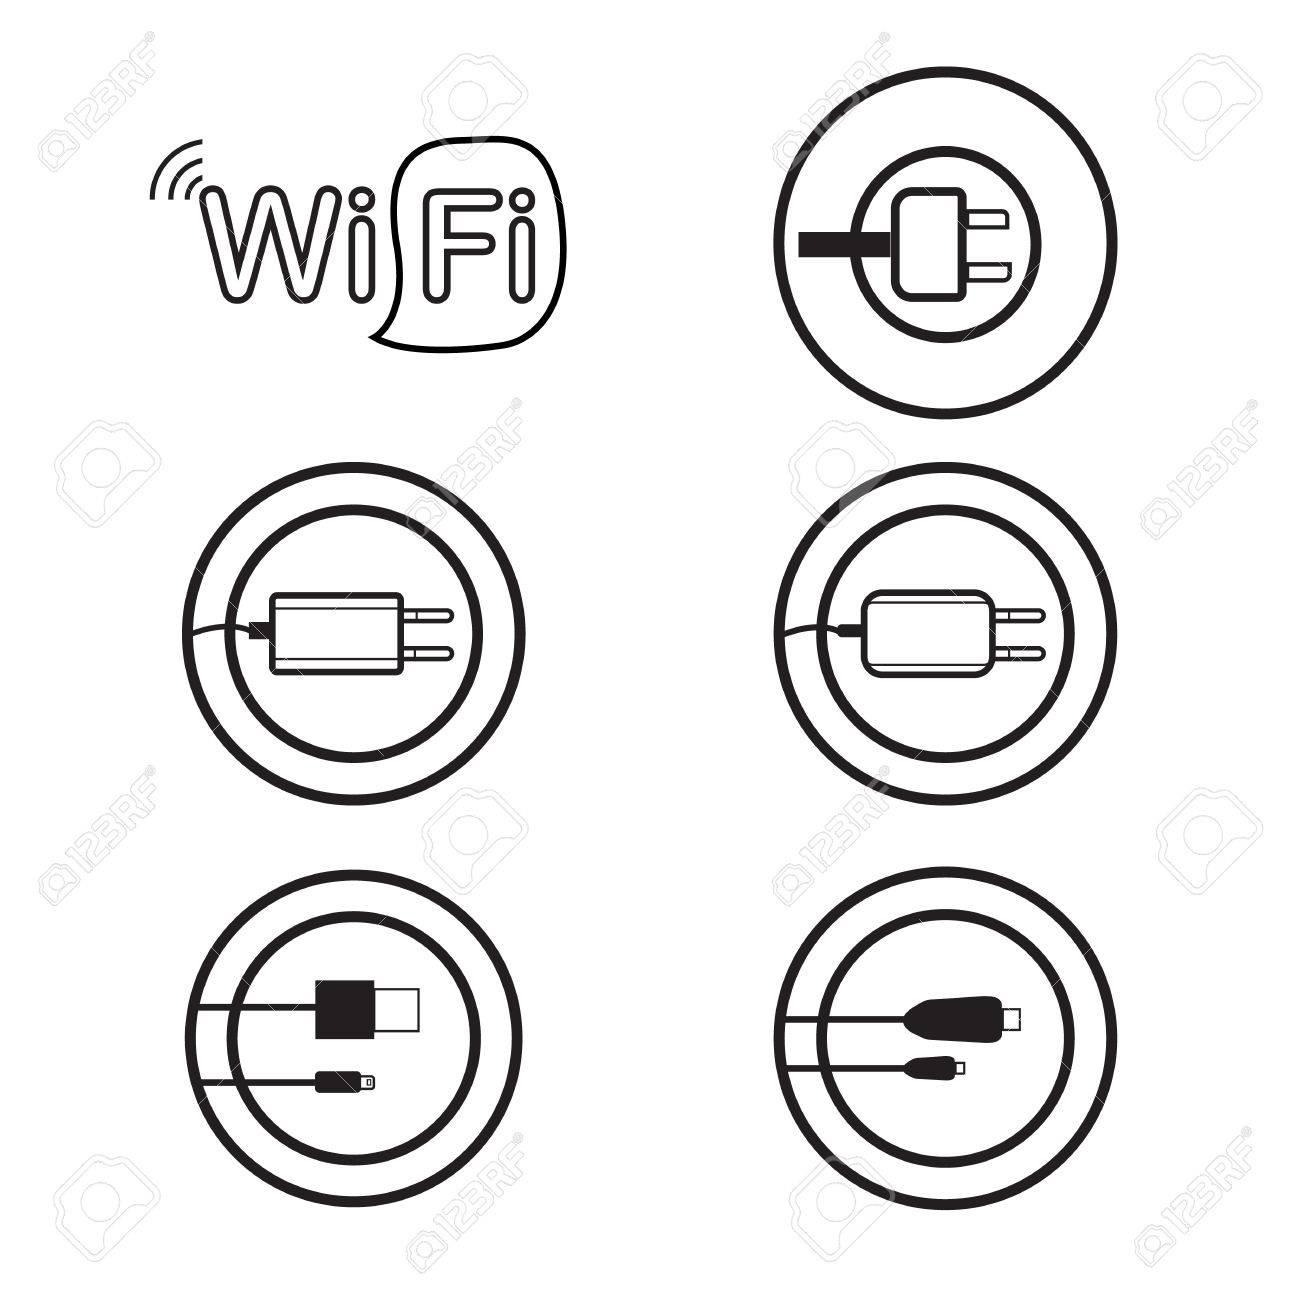 Wunderbar Batterieschema Symbol Bilder - Elektrische Schaltplan ...